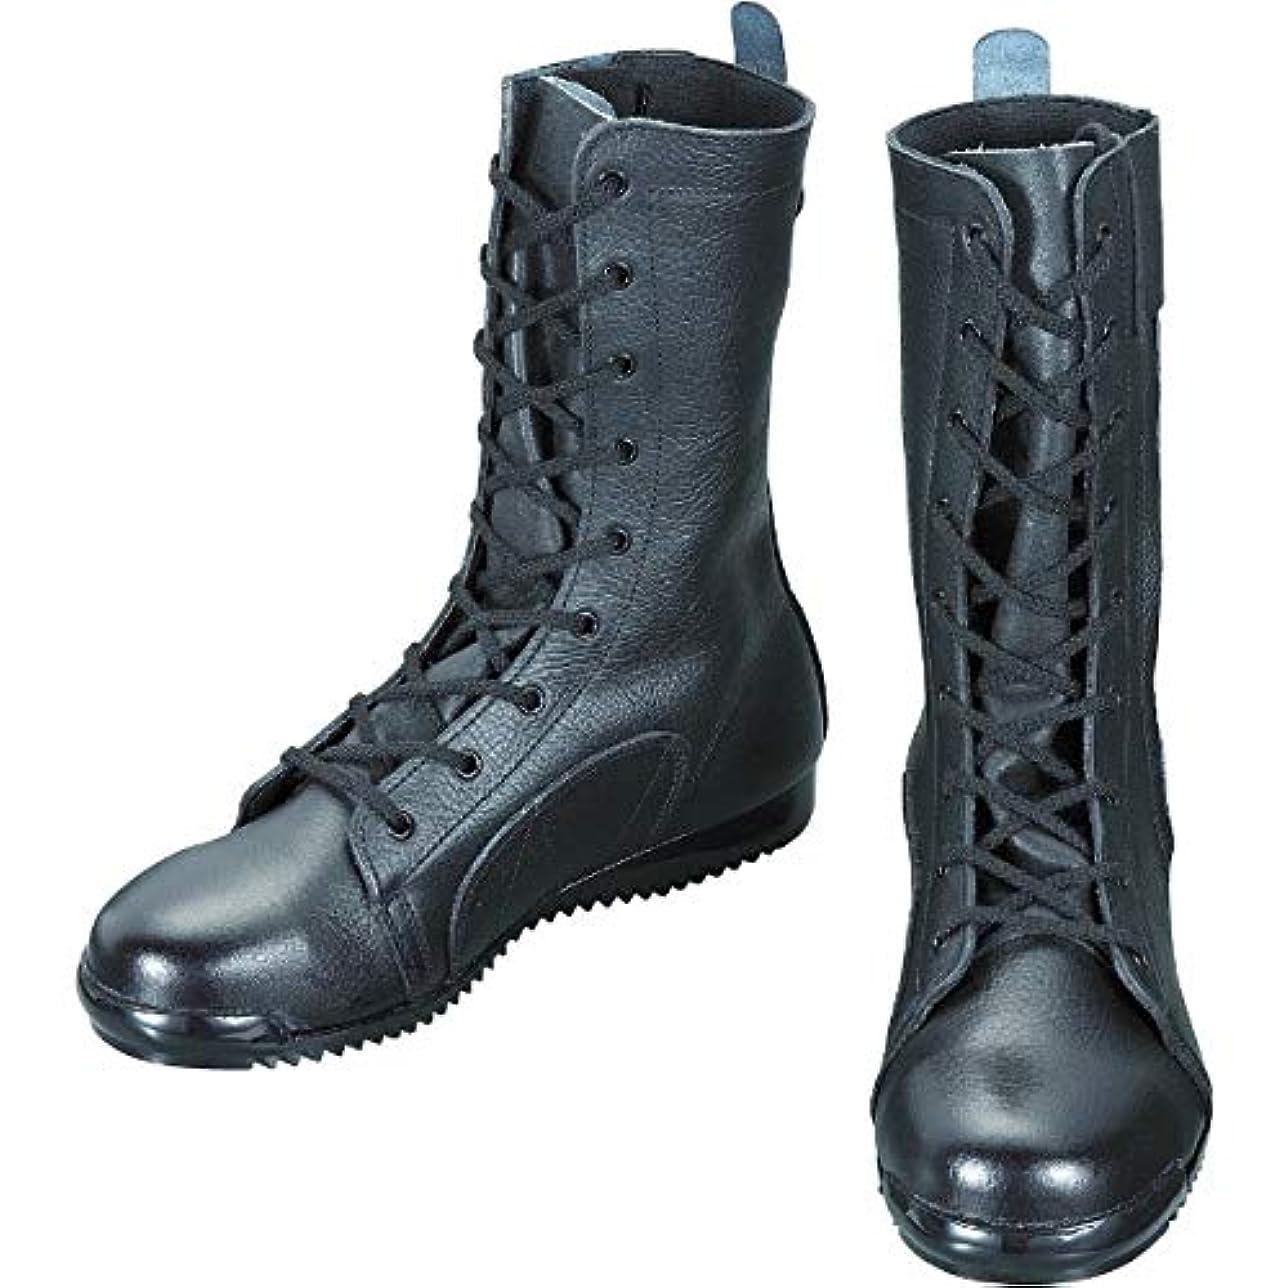 モロニックメロドラマティック強度シモン 安全靴高所作業用 長編上靴 3033都纏 27.5cm 3033-27.5